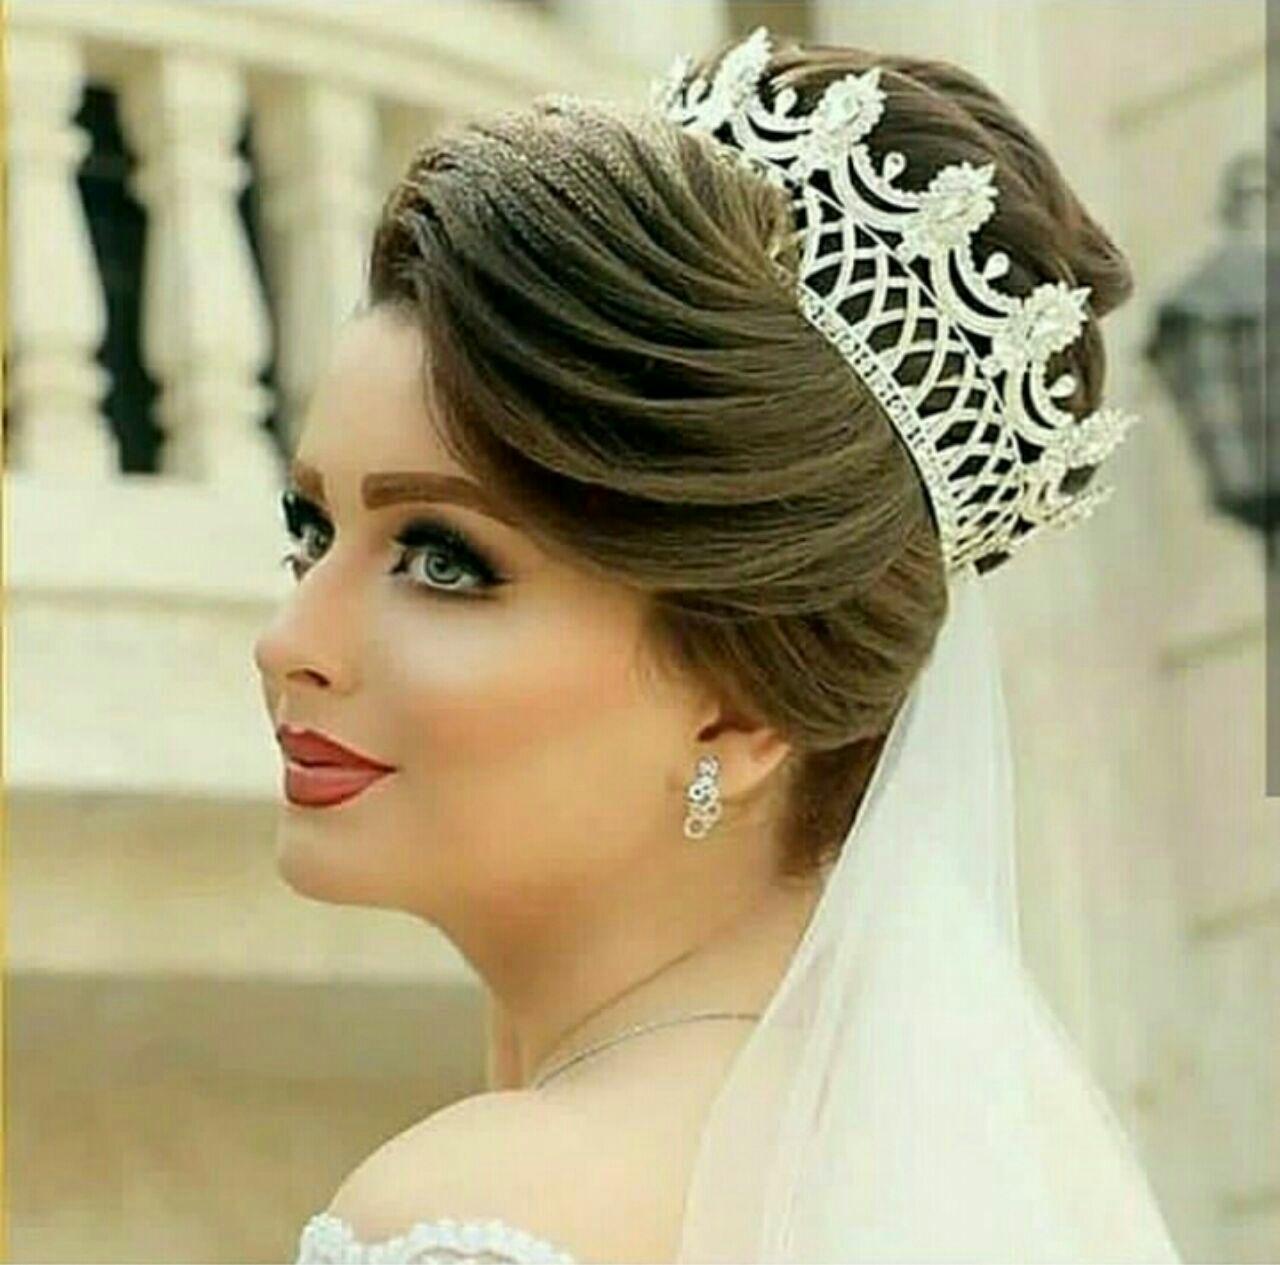 مدل مو عروس,مدل مو عروس زیبا,مدل مو عروس جالب,ر شیک,مدل مو عروس با مزهؤ جدید]مدل مو عروس ساده, جذاب,مدل مو عروس اینستا, عکس مدل مو عروسَ